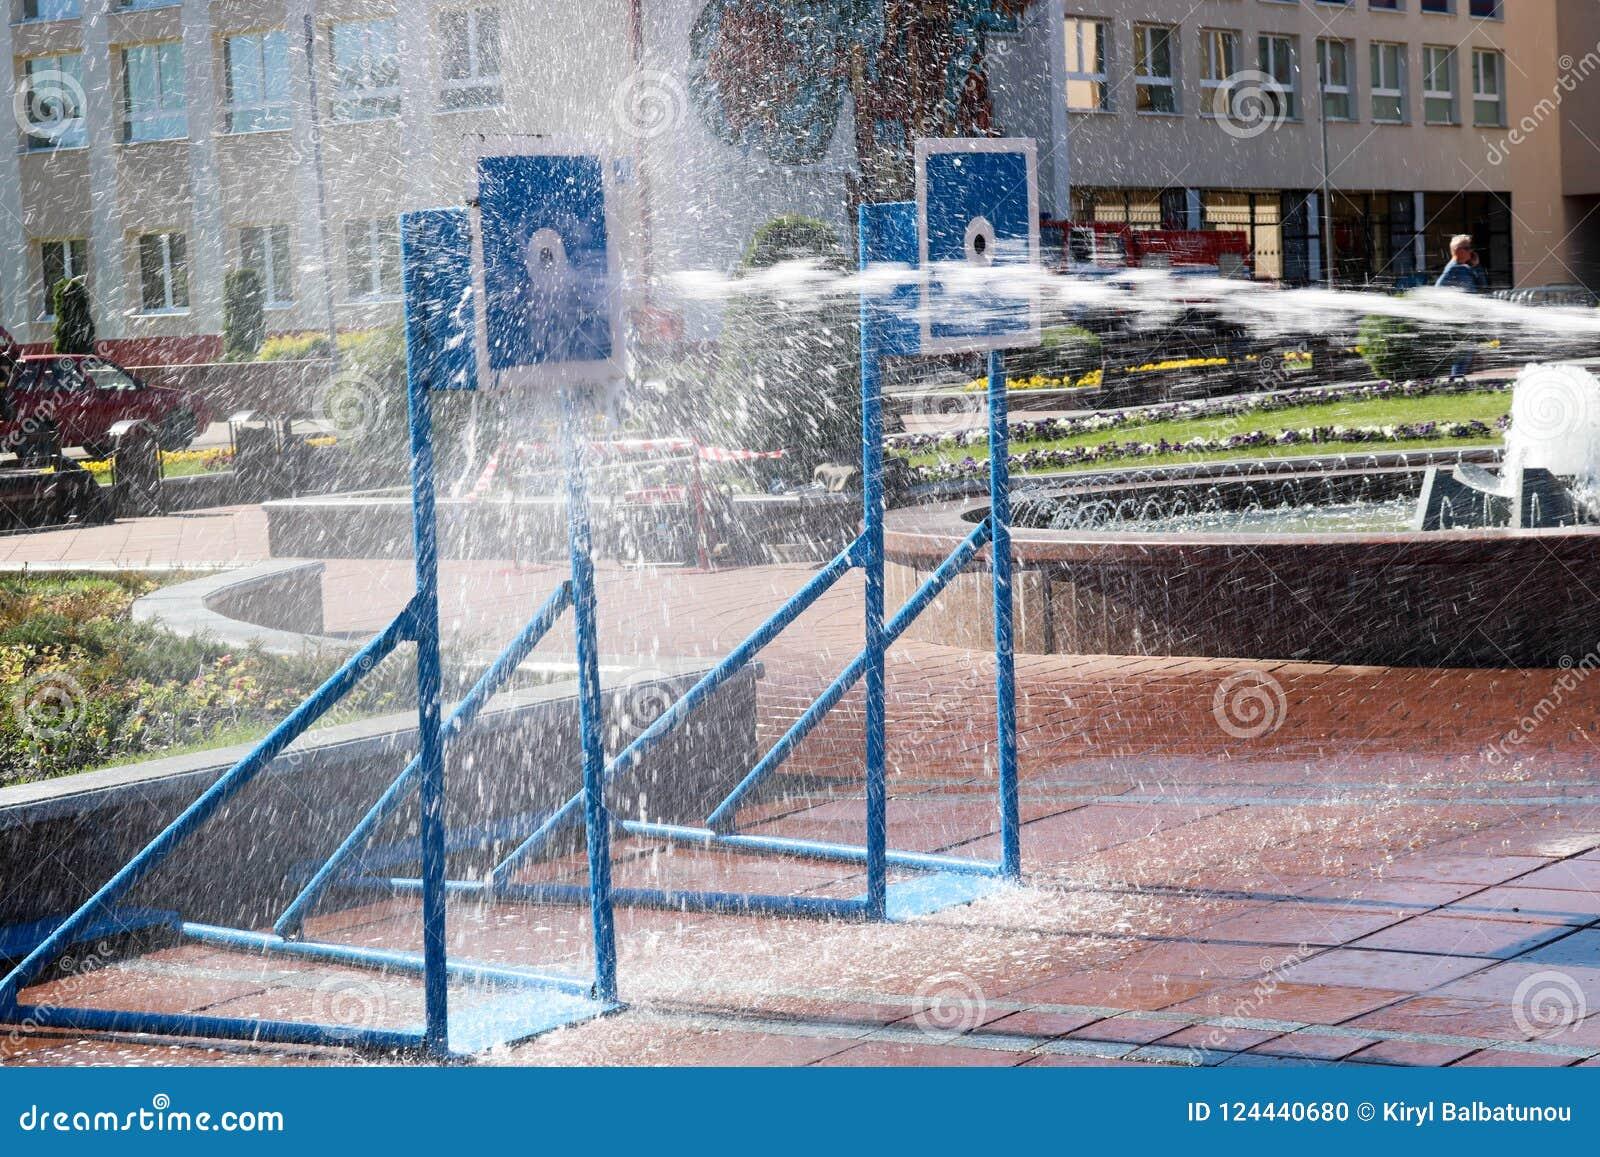 Ein nasser, starker Strom des Wassers spritzt und Trieb am Ziel, mit vielem Druck auf der Straße an der Anziehungskraft